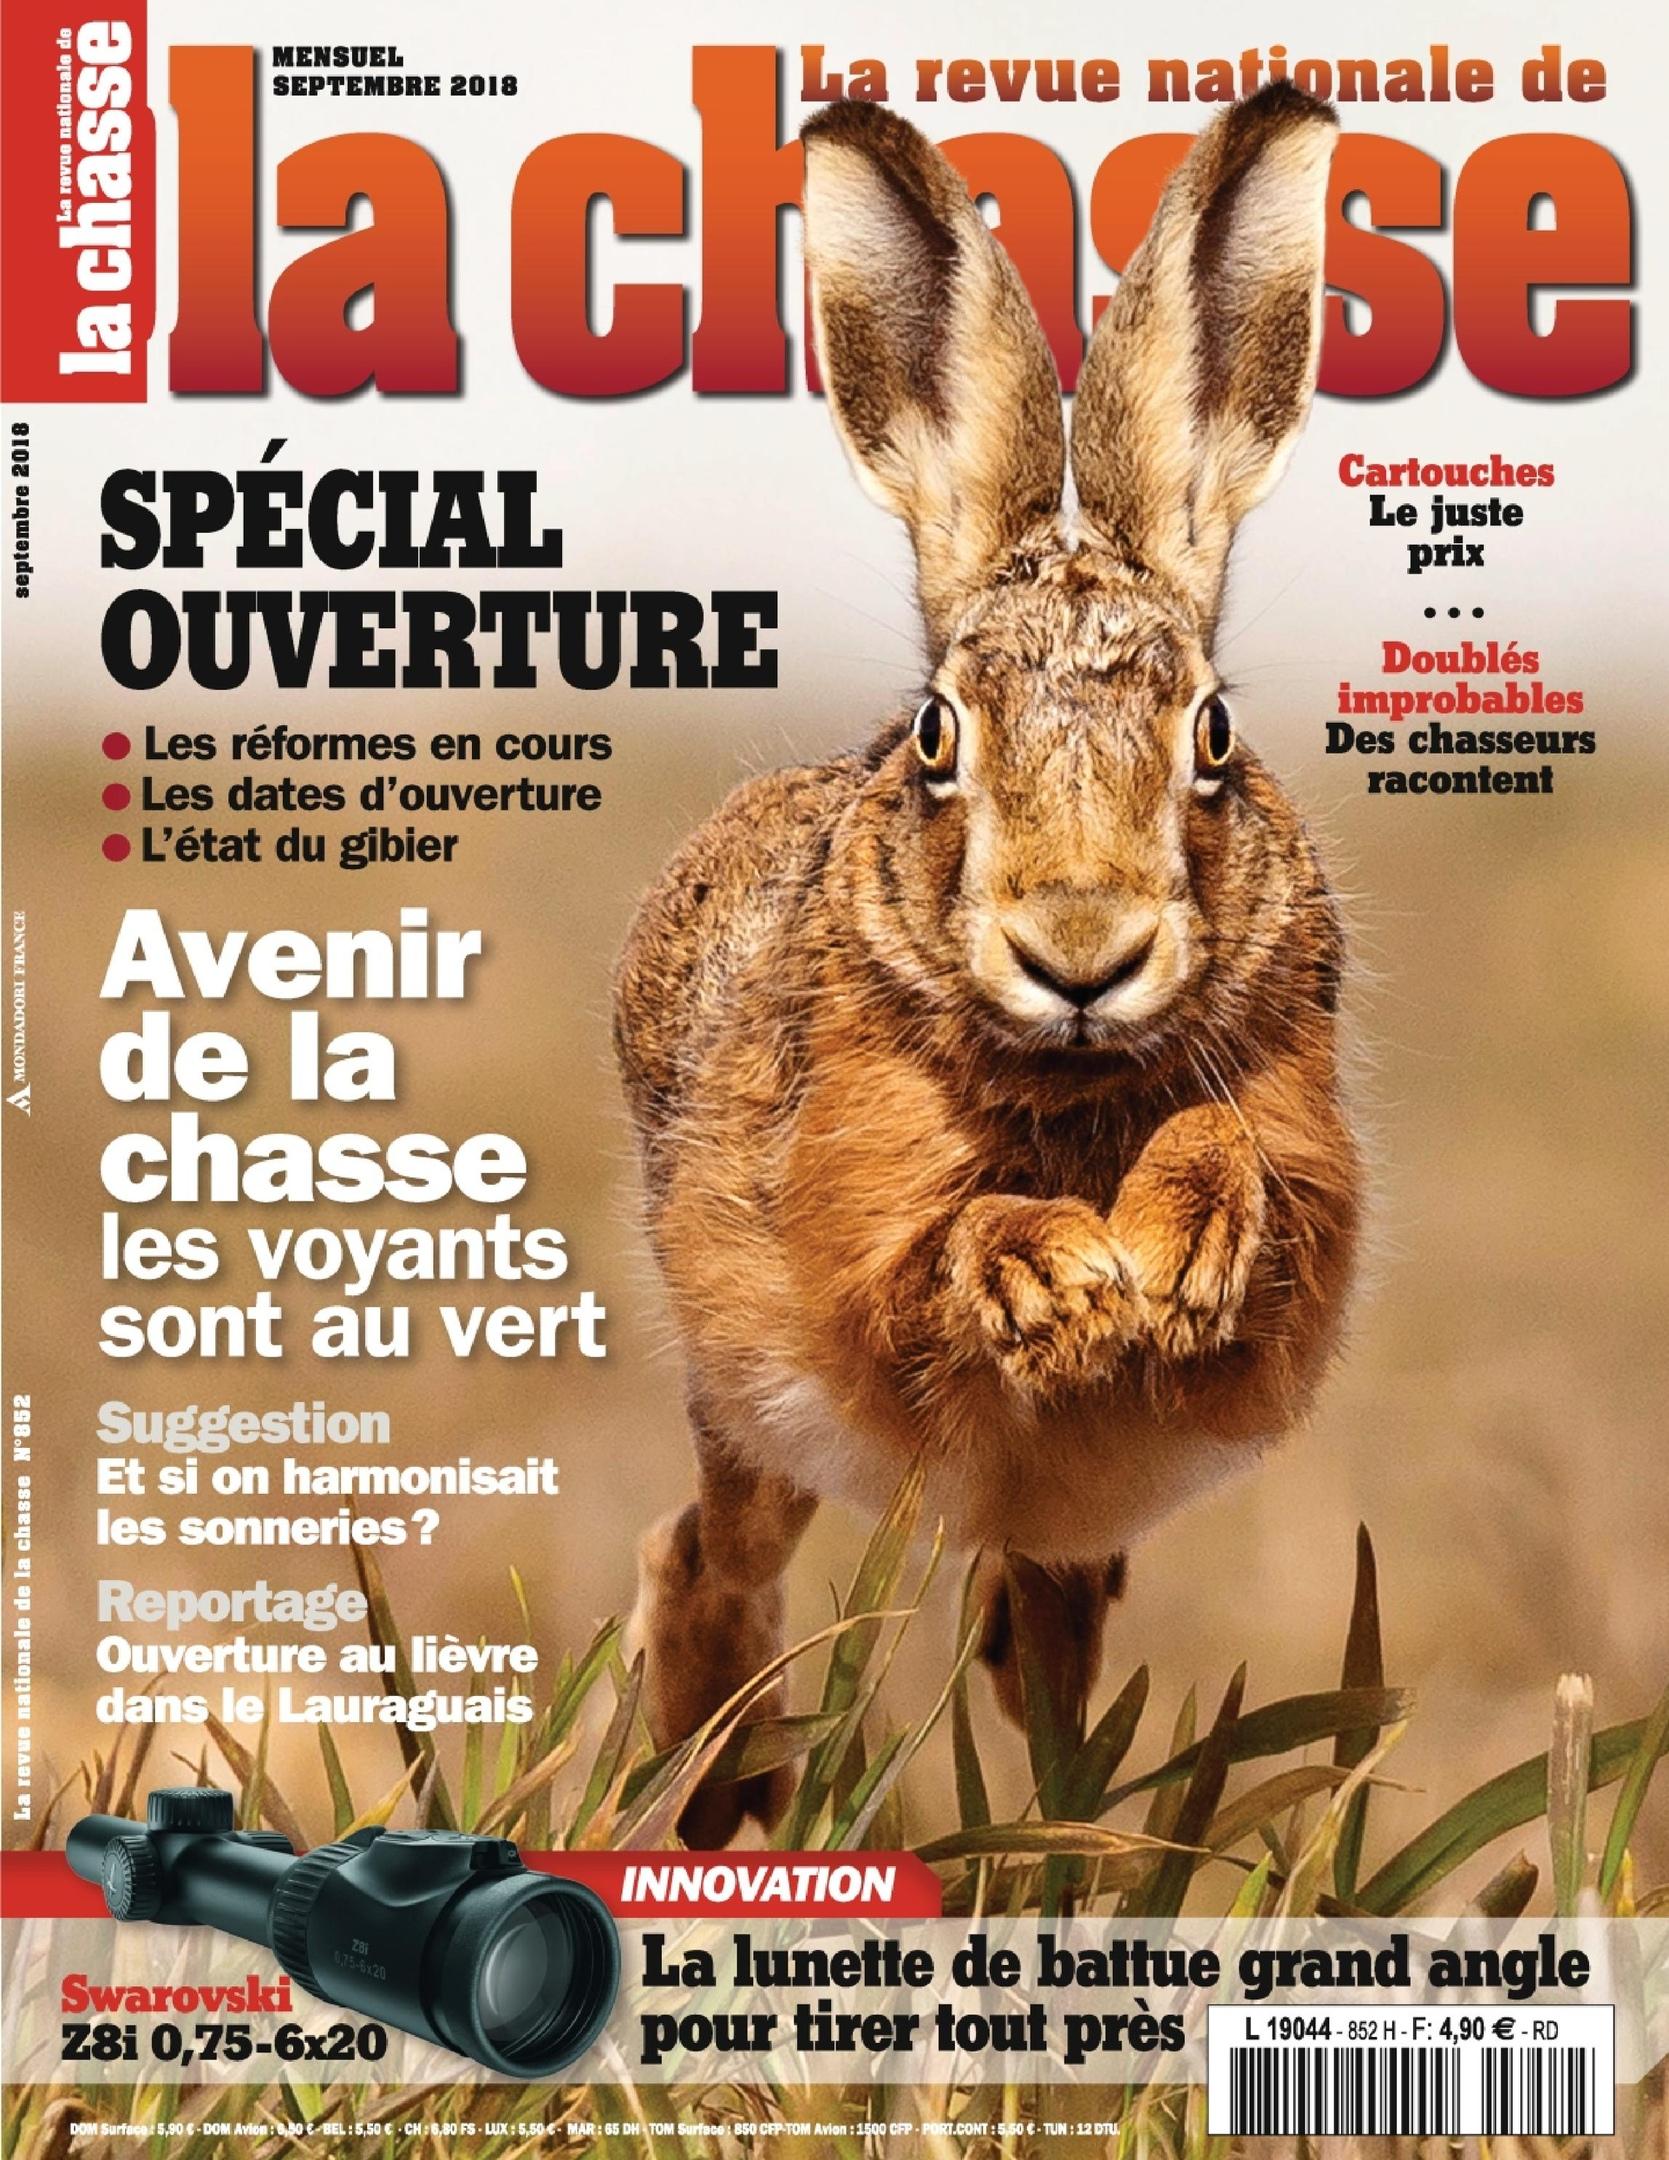 La Revue Nationale De La Chasse – Septembre 2018